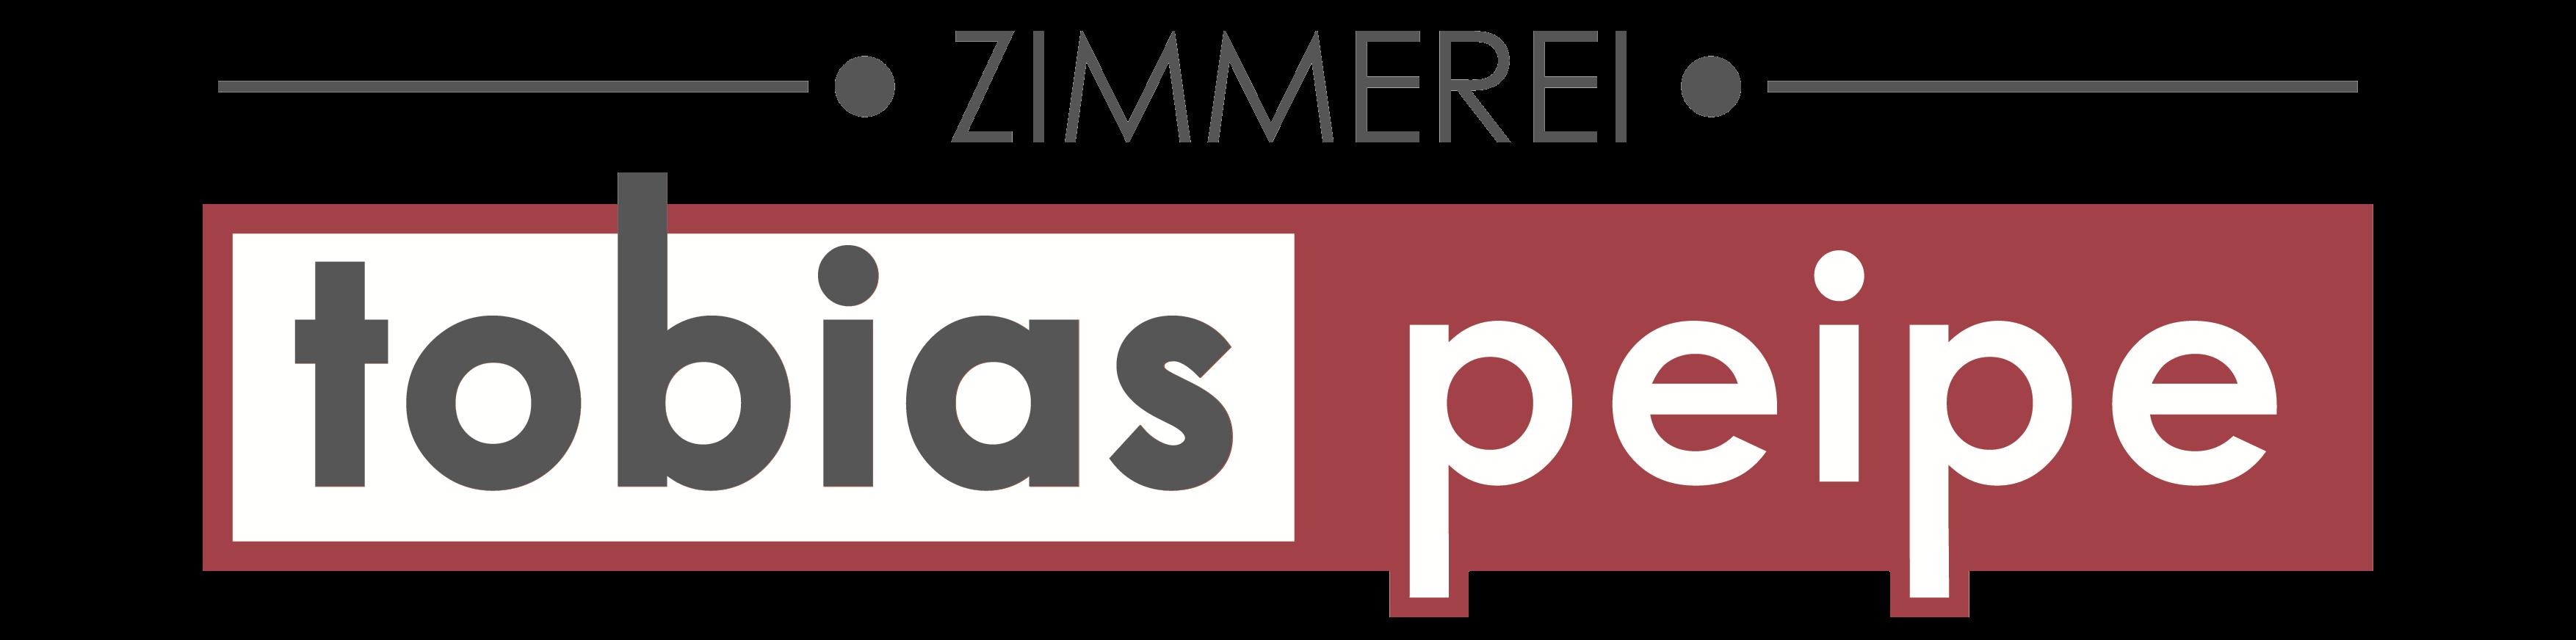 Zimmerei Tobias Peipe